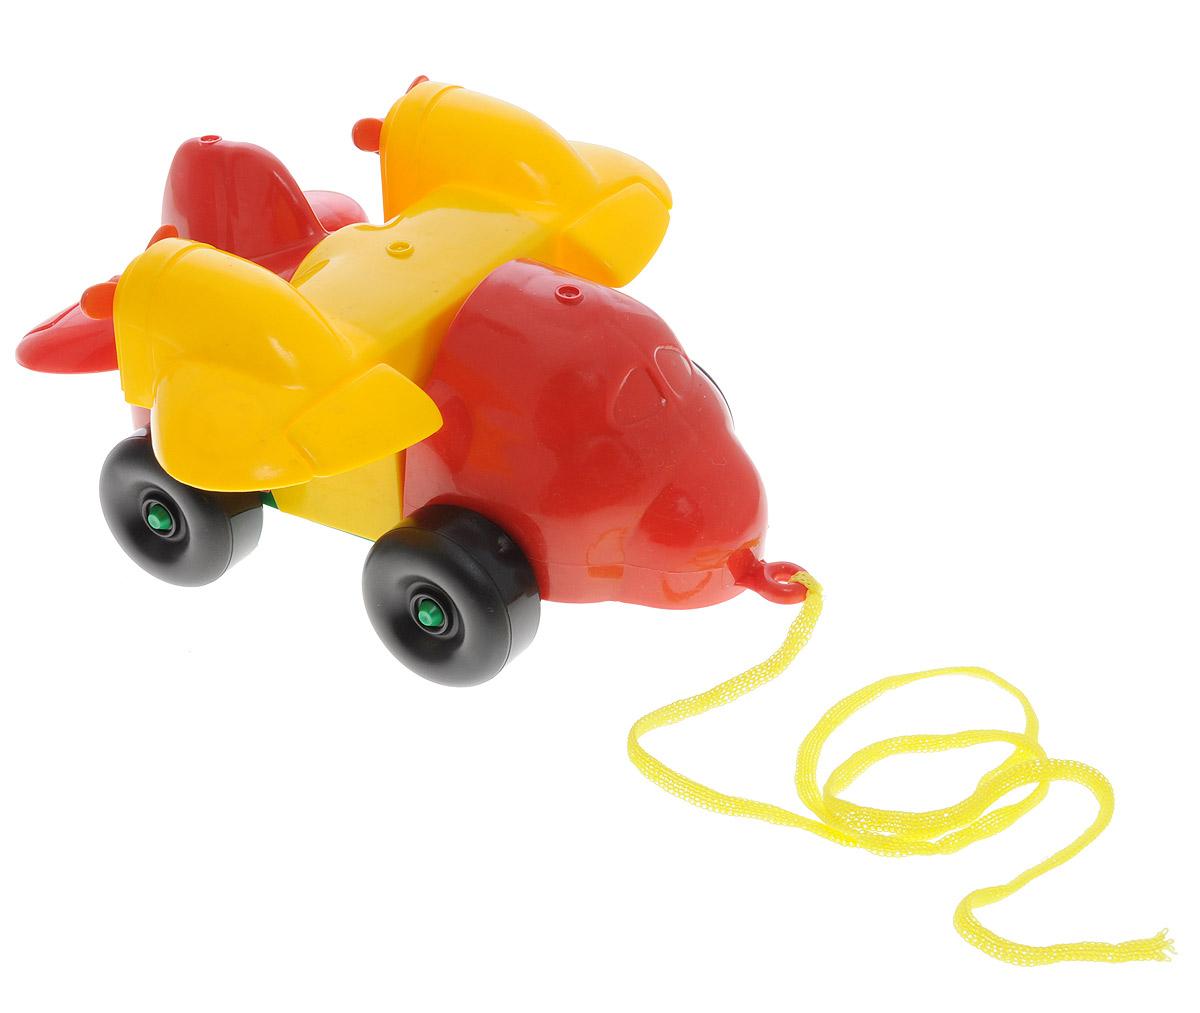 """Каталка-конструктор Bauer """"Самолет"""" обязательно привлечет внимание вашего малыша. Игрушка состоит из нескольких крупных элементов разных цветов, из которых можно собрать самолет на колесиках. Также в комплект входит верёвочка, которую можно привязать к игрушке, чтобы ребёнок смог катить её за собой. Игрушка выполнена из высококачественного пластика. С такой игрушкой ваш ребенок весело проведет время, играя на детской площадке или в песочнице. А процесс сборки игрушки-конструктора поможет малышу развить мелкую моторику, внимательность и усидчивость. Порадуйте своего малыша такой чудесной игрушкой!"""